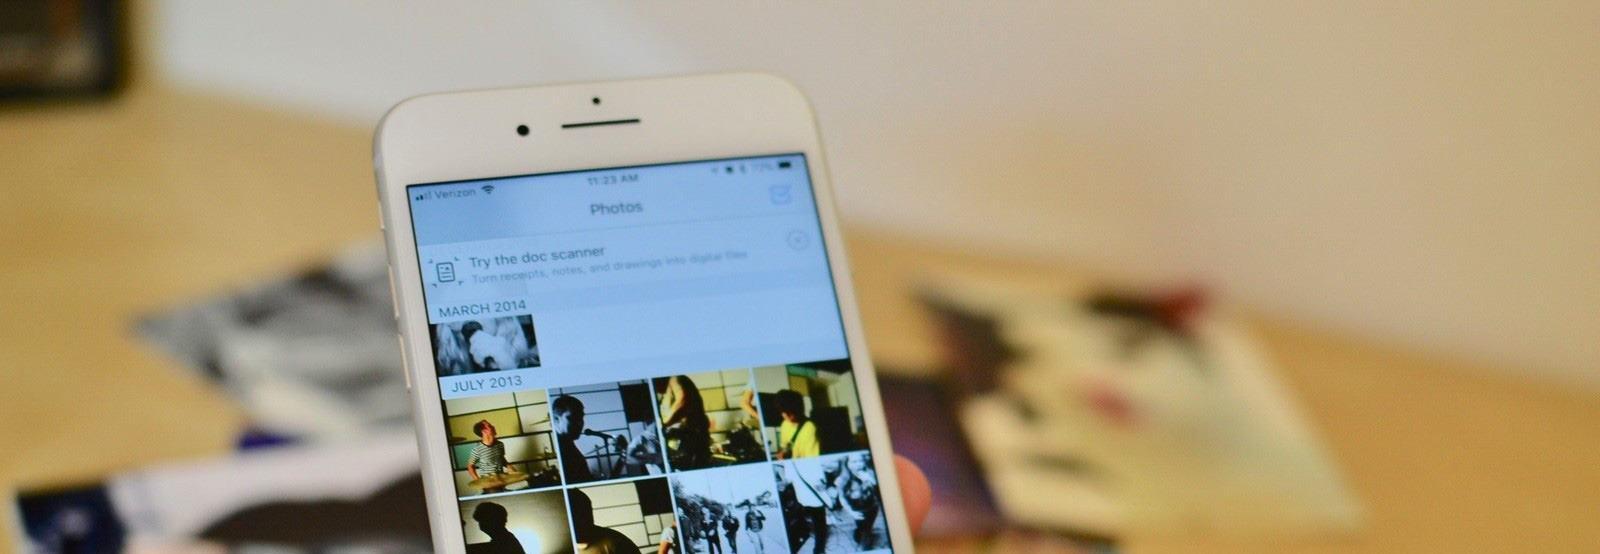 новым как перенести фотографии с айфона на люмию реке